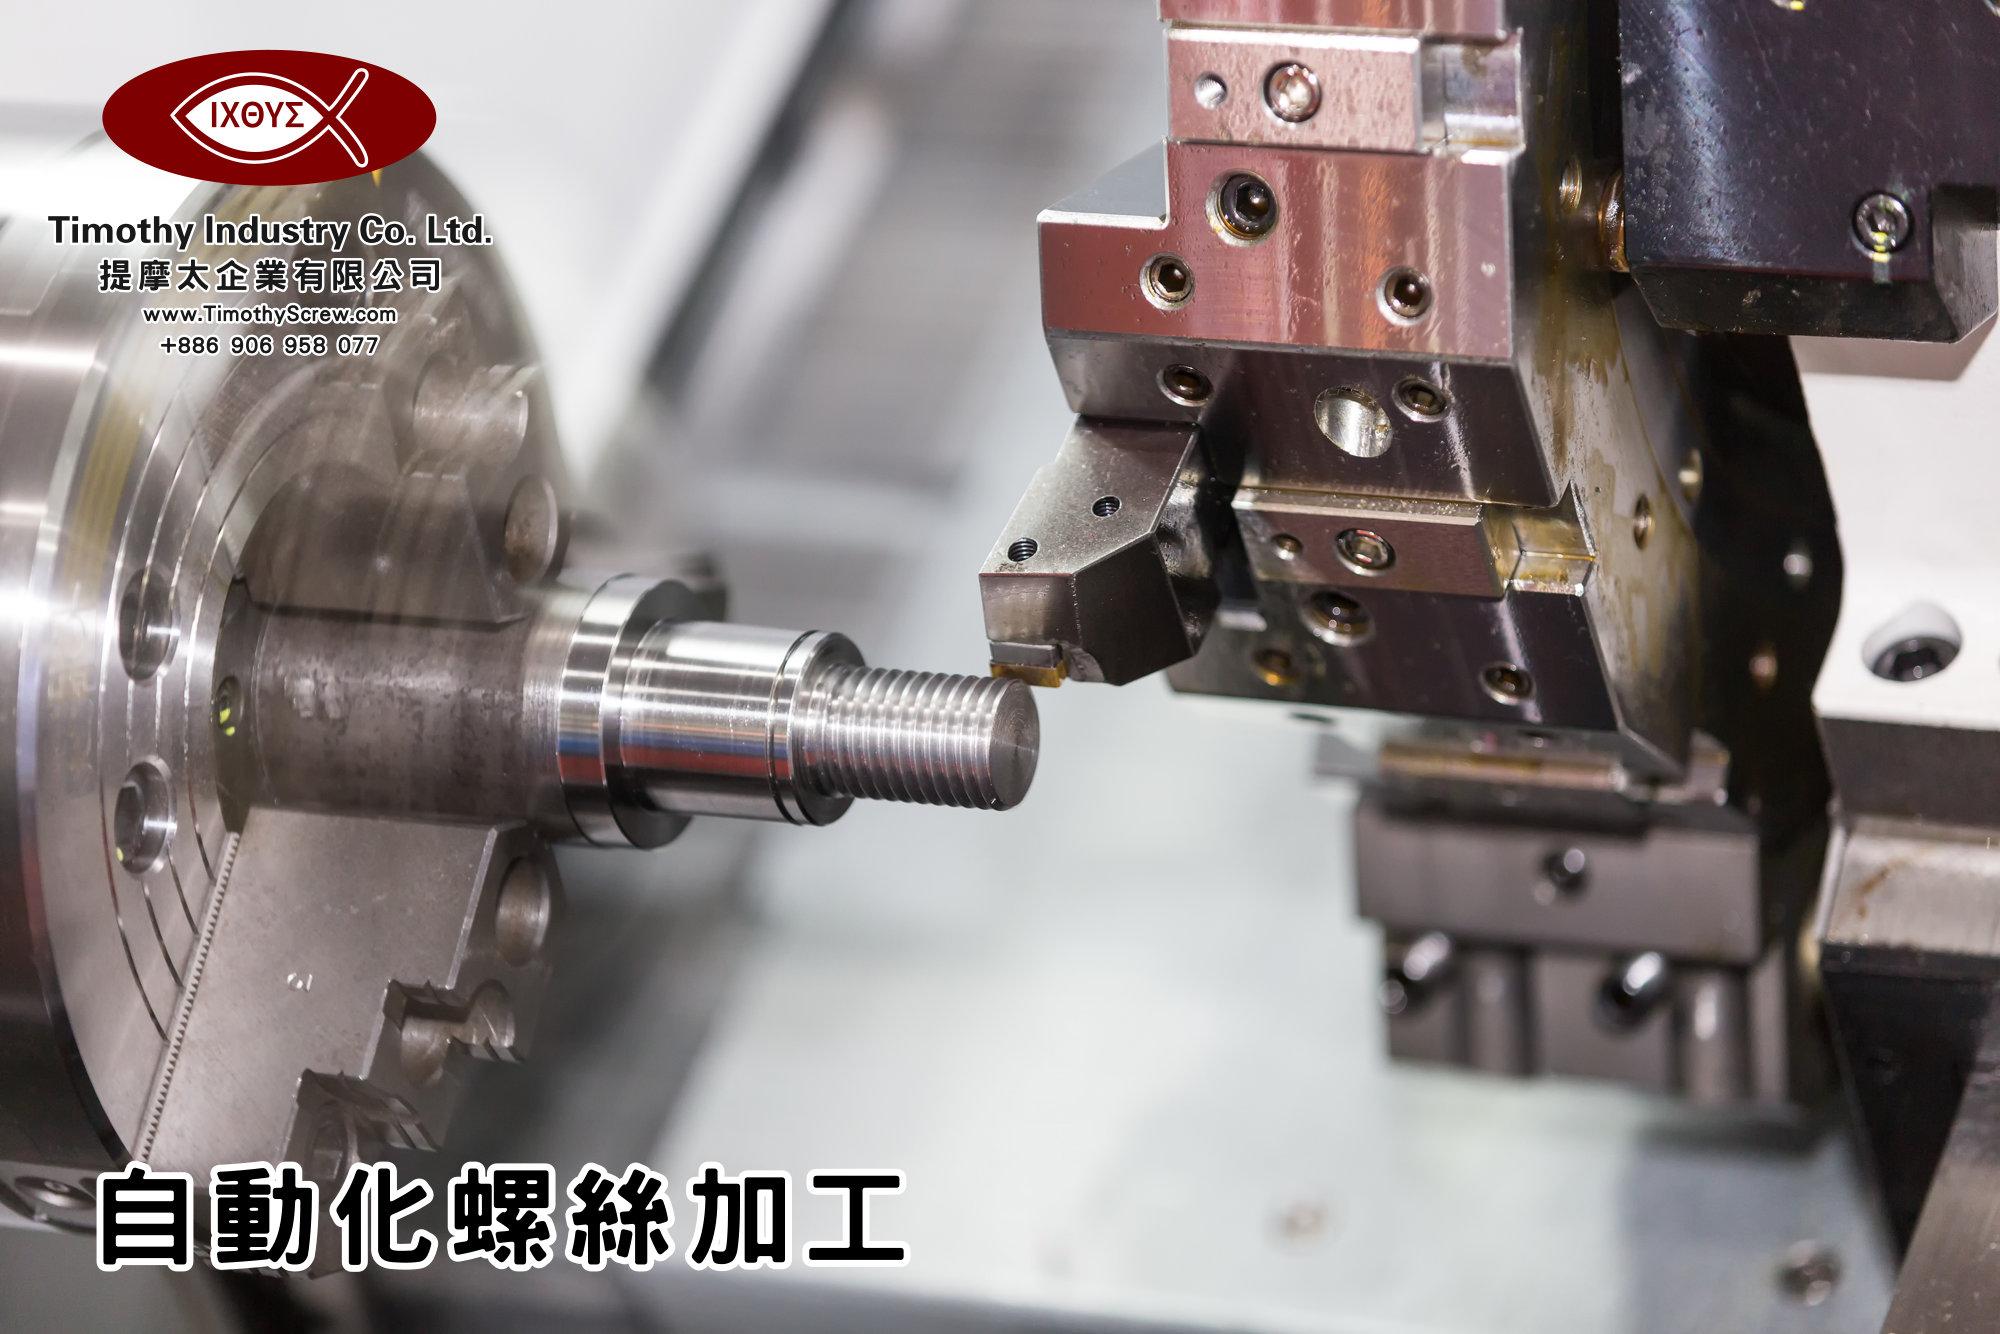 提摩太企業有限公司 Timothy Industry Co Ltd 自動化螺絲加工 車床部 銑床部 台灣自動化螺絲加工 螺絲製造 A23